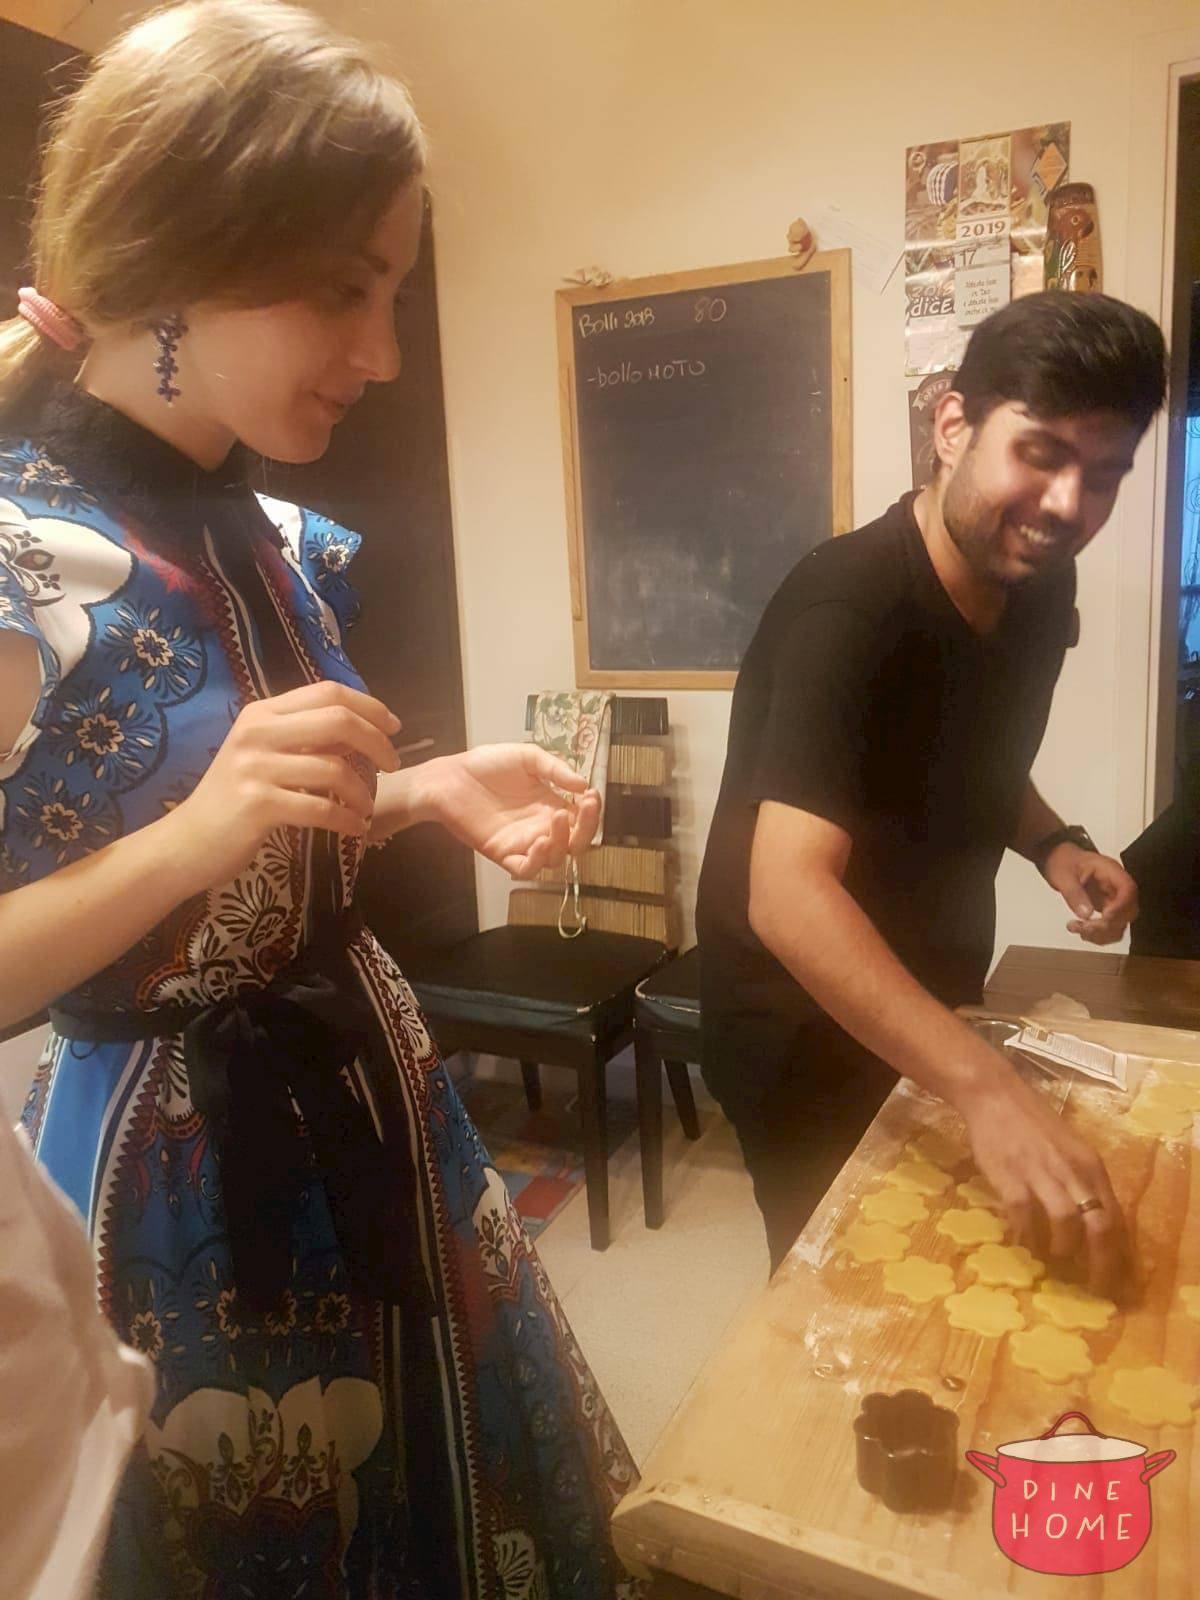 Abdul, studente dall' Arabia Saudita, a cena dalla sua famiglia Dinehome.